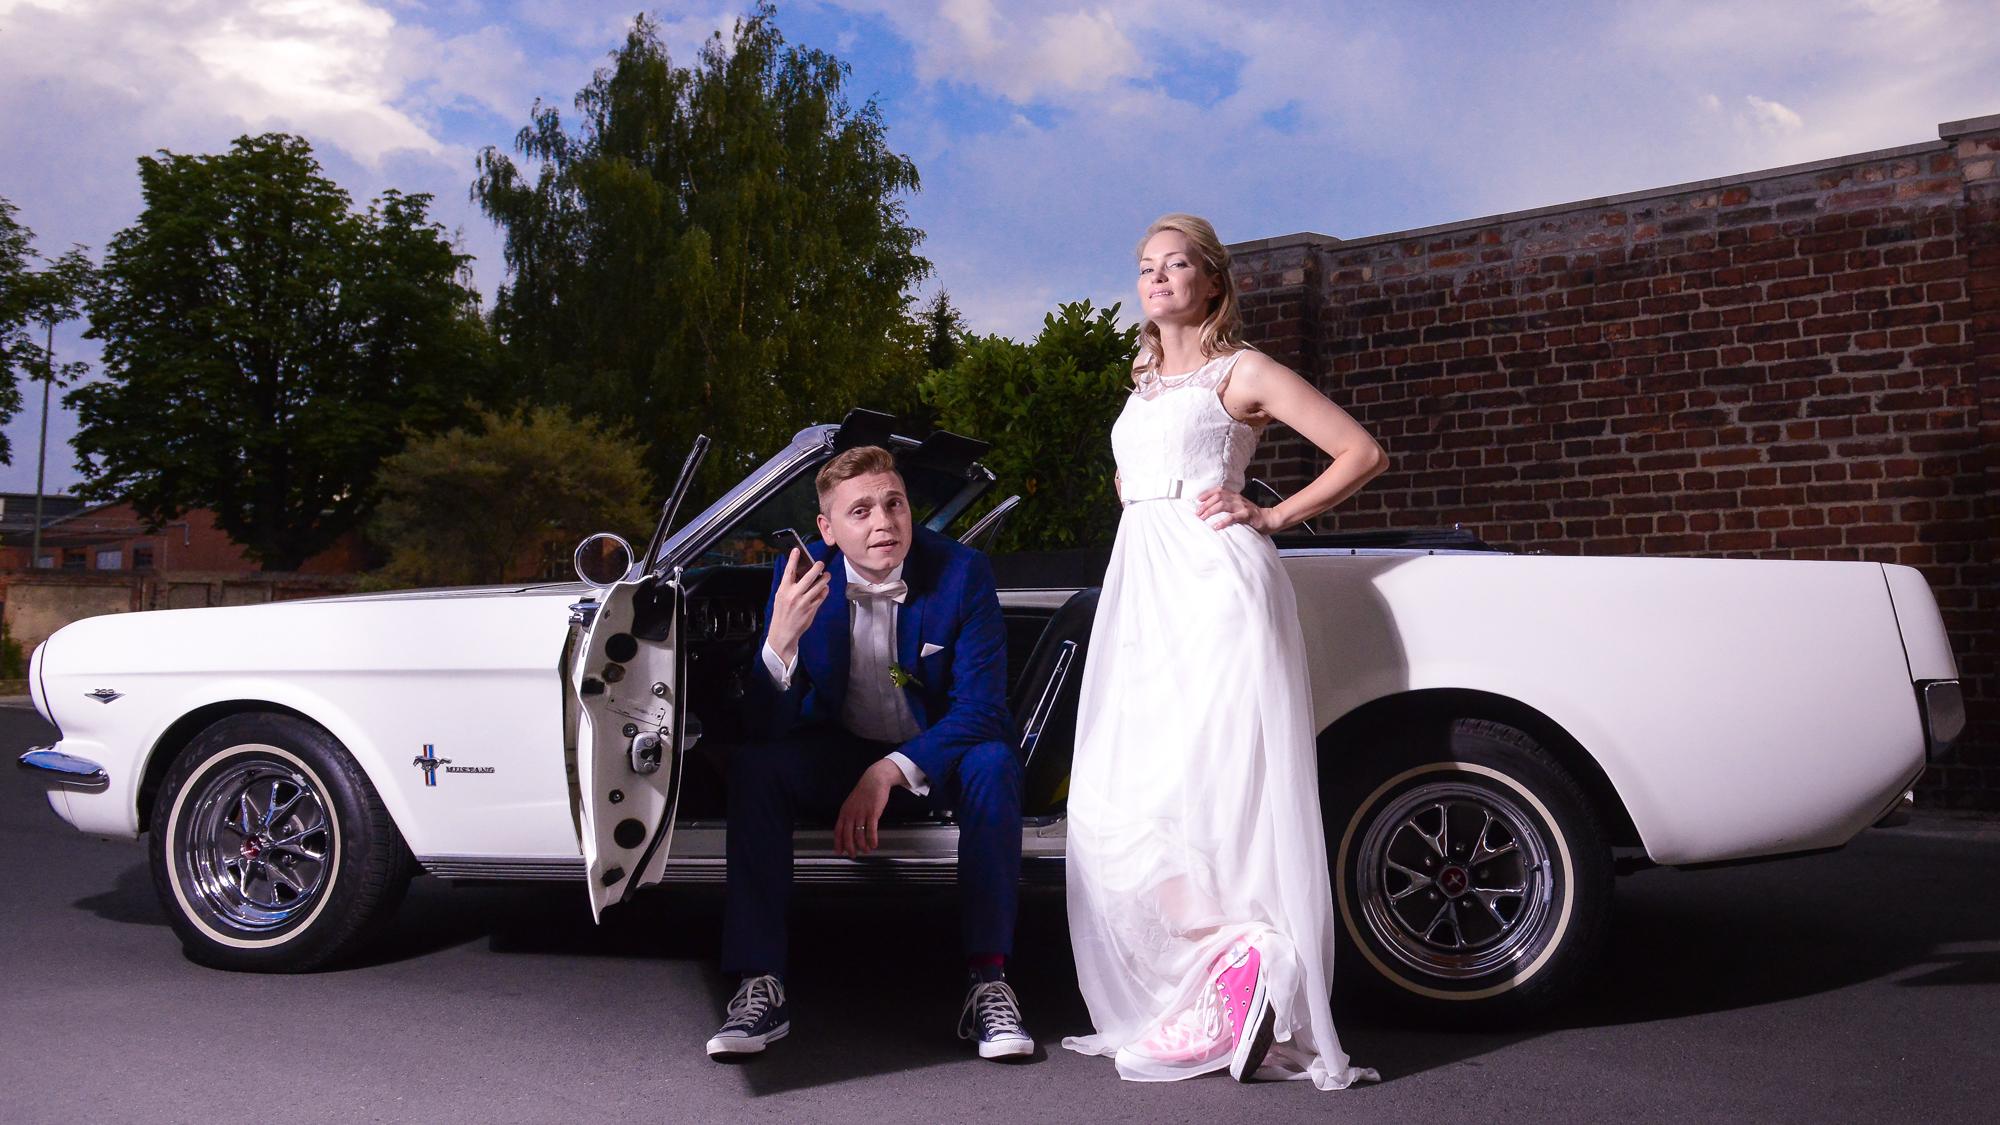 Hochzeitsfotograf, Heiraten, Hochzeitsdoku